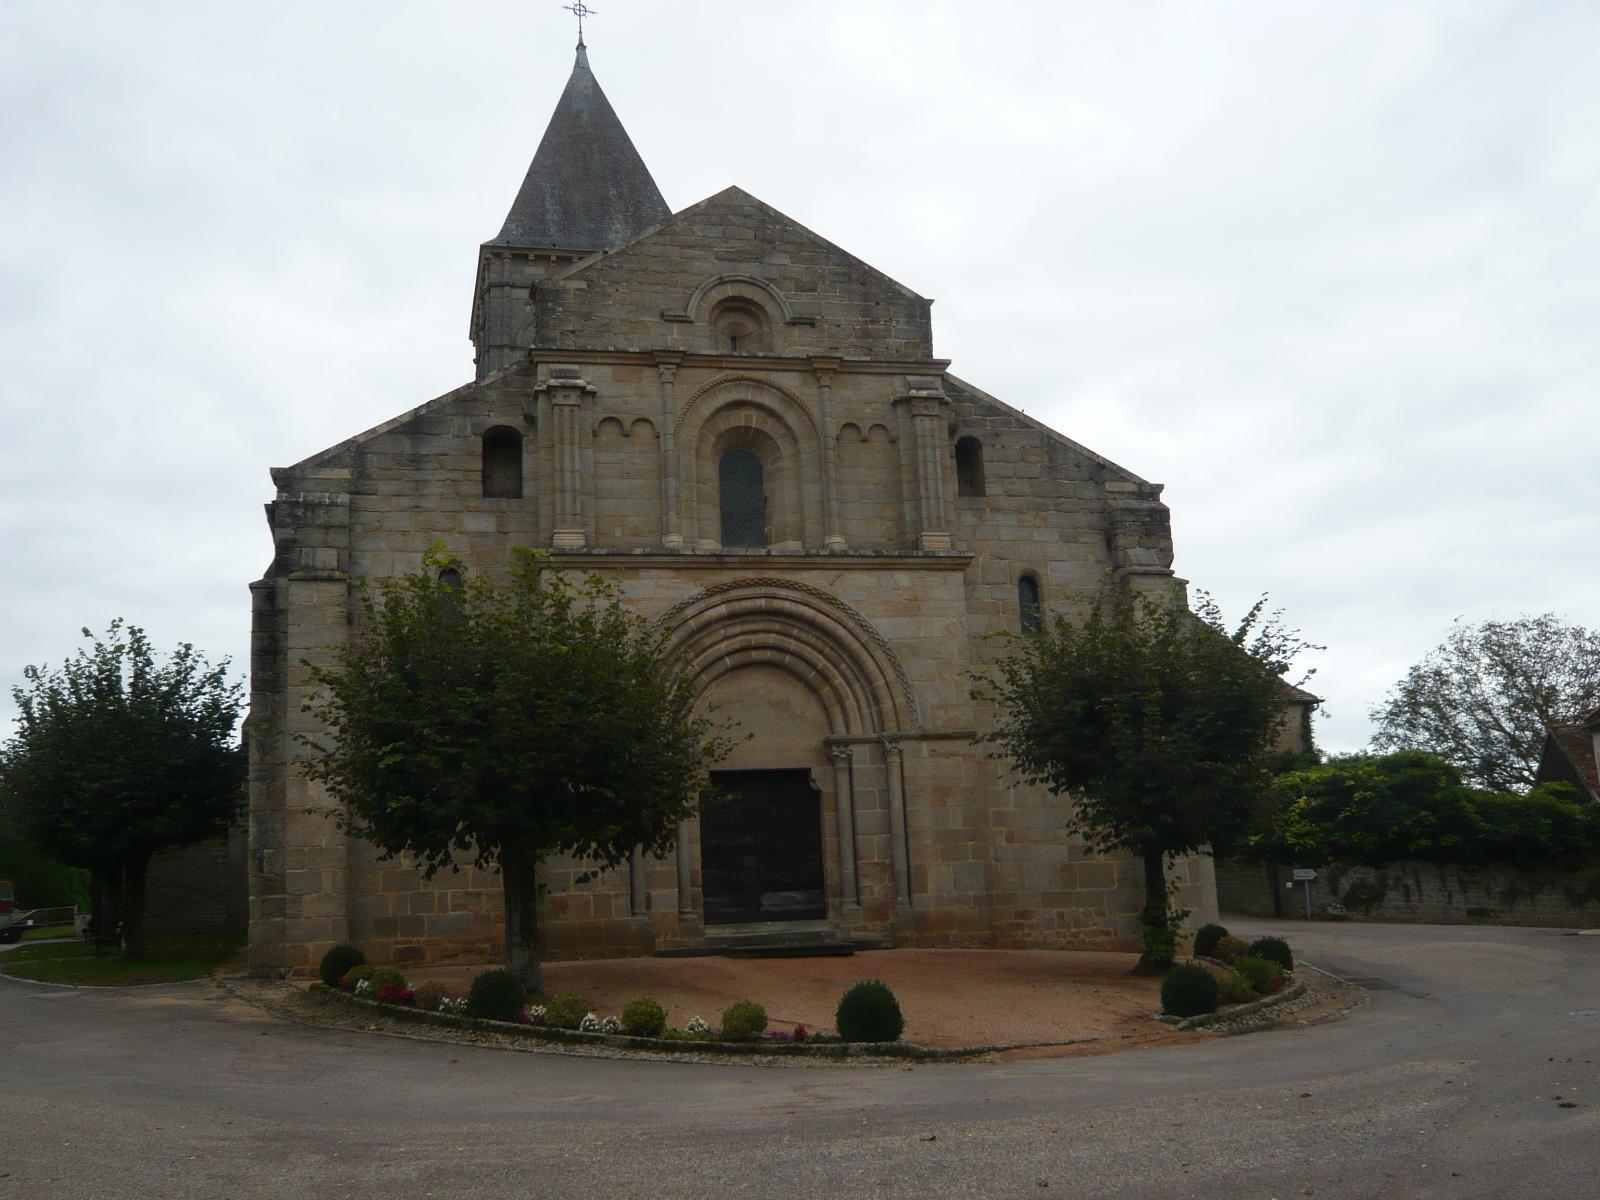 Eglises chapelles abbayes monast res et couvents for Eglise romane exterieur